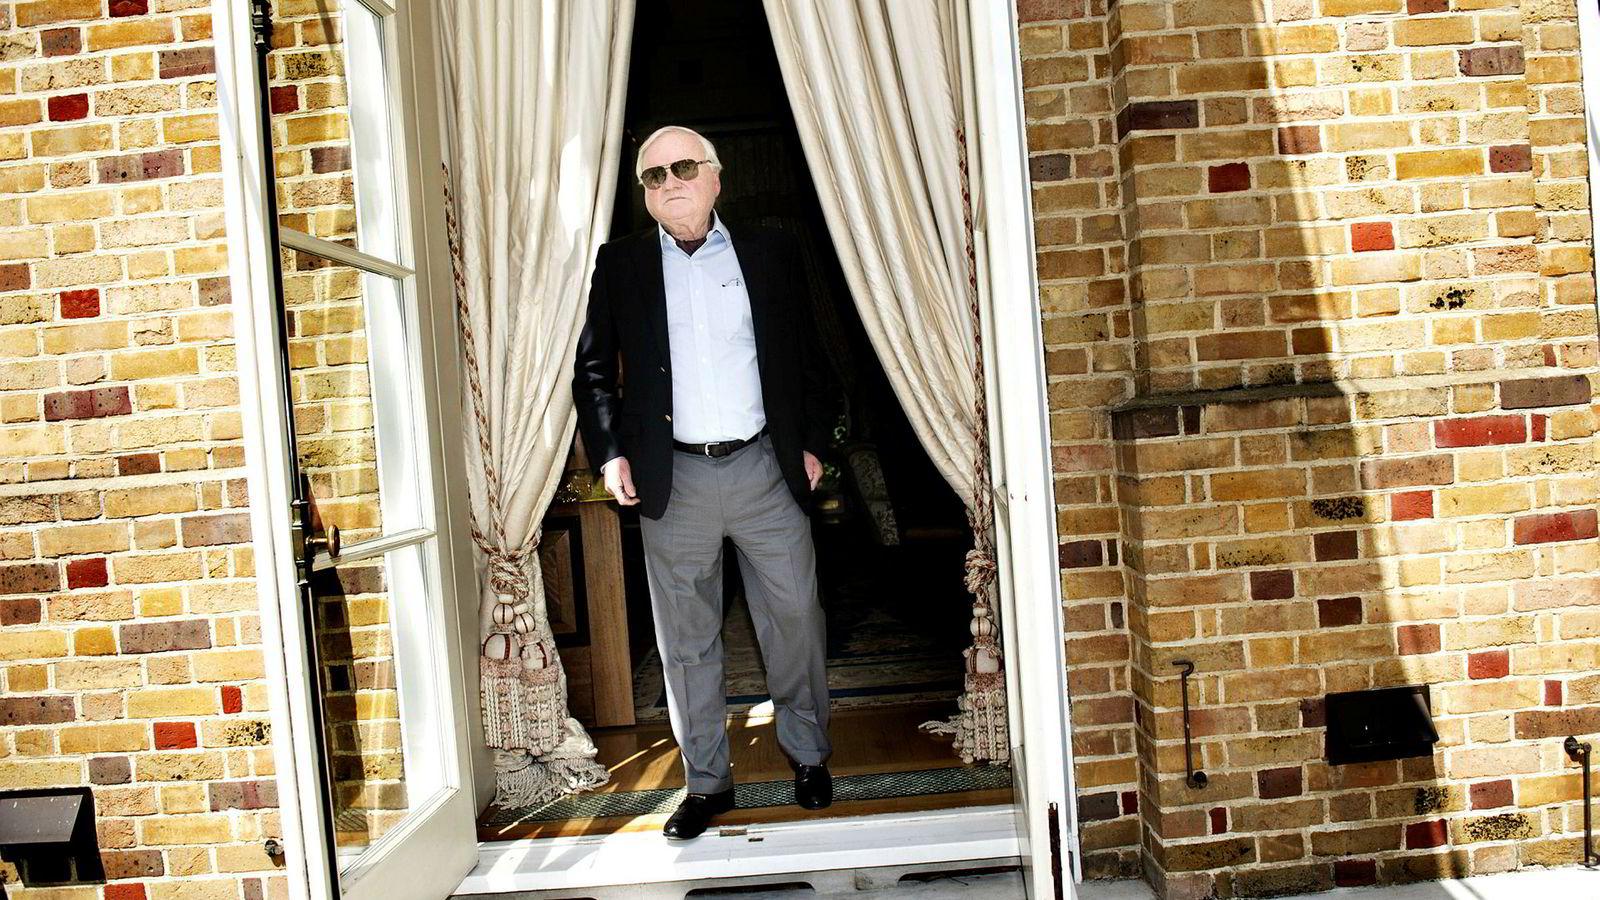 John Fredriksen var ønsket i en høring i Houston torsdag. Her er han avbildet hjemme i The Old Rectory i London.